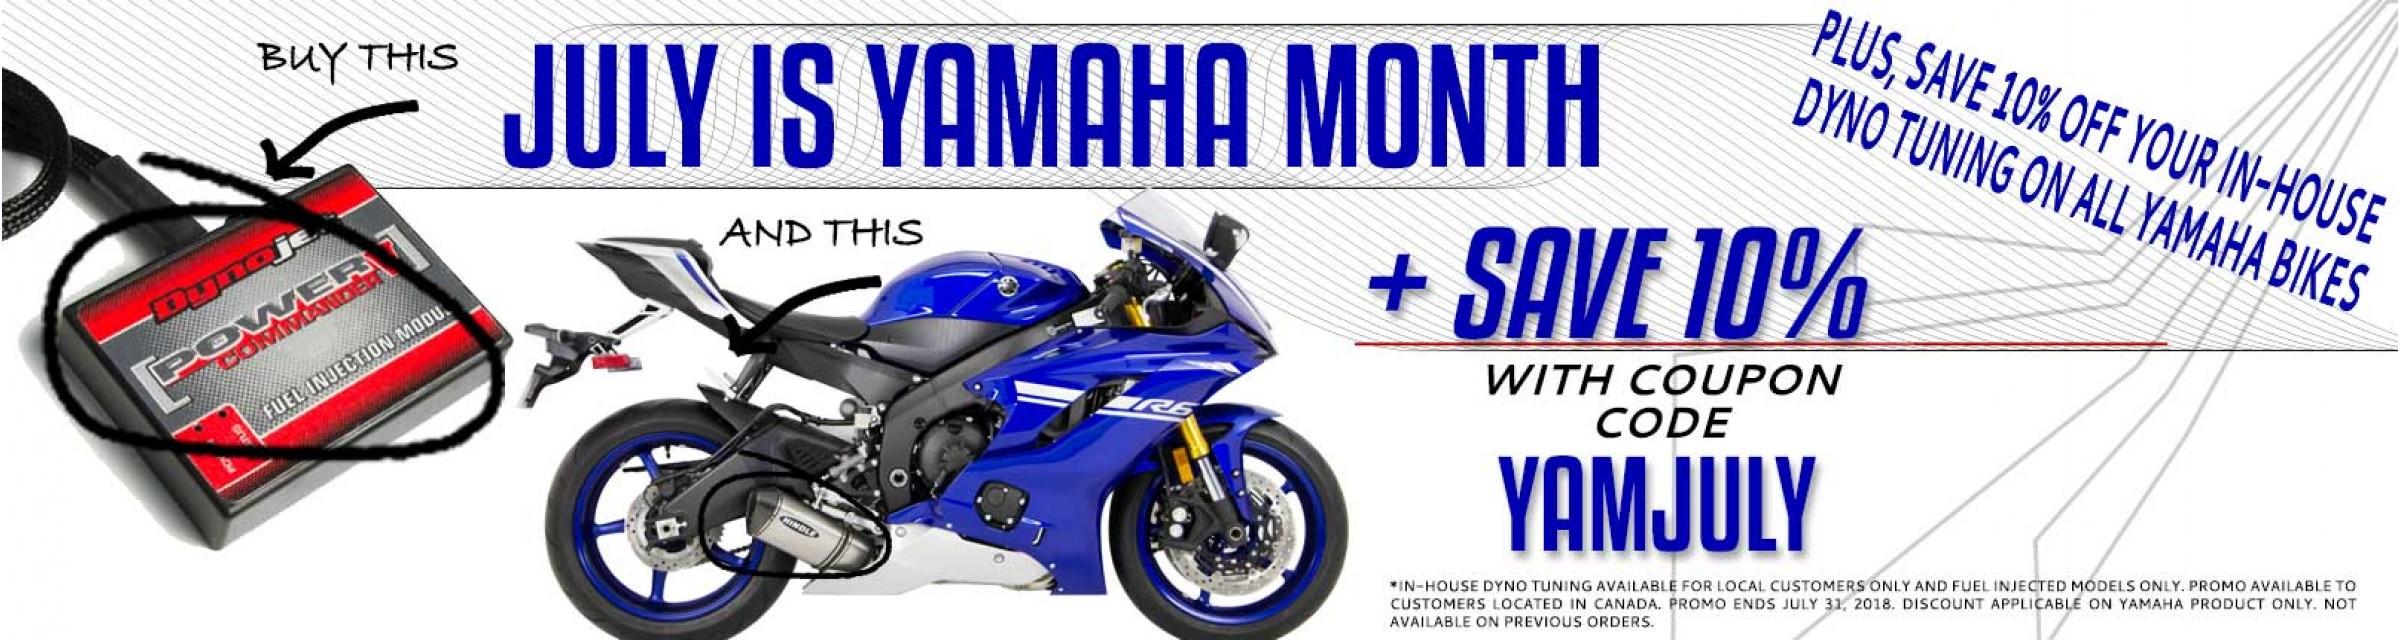 Yamaha July 2018 Promo